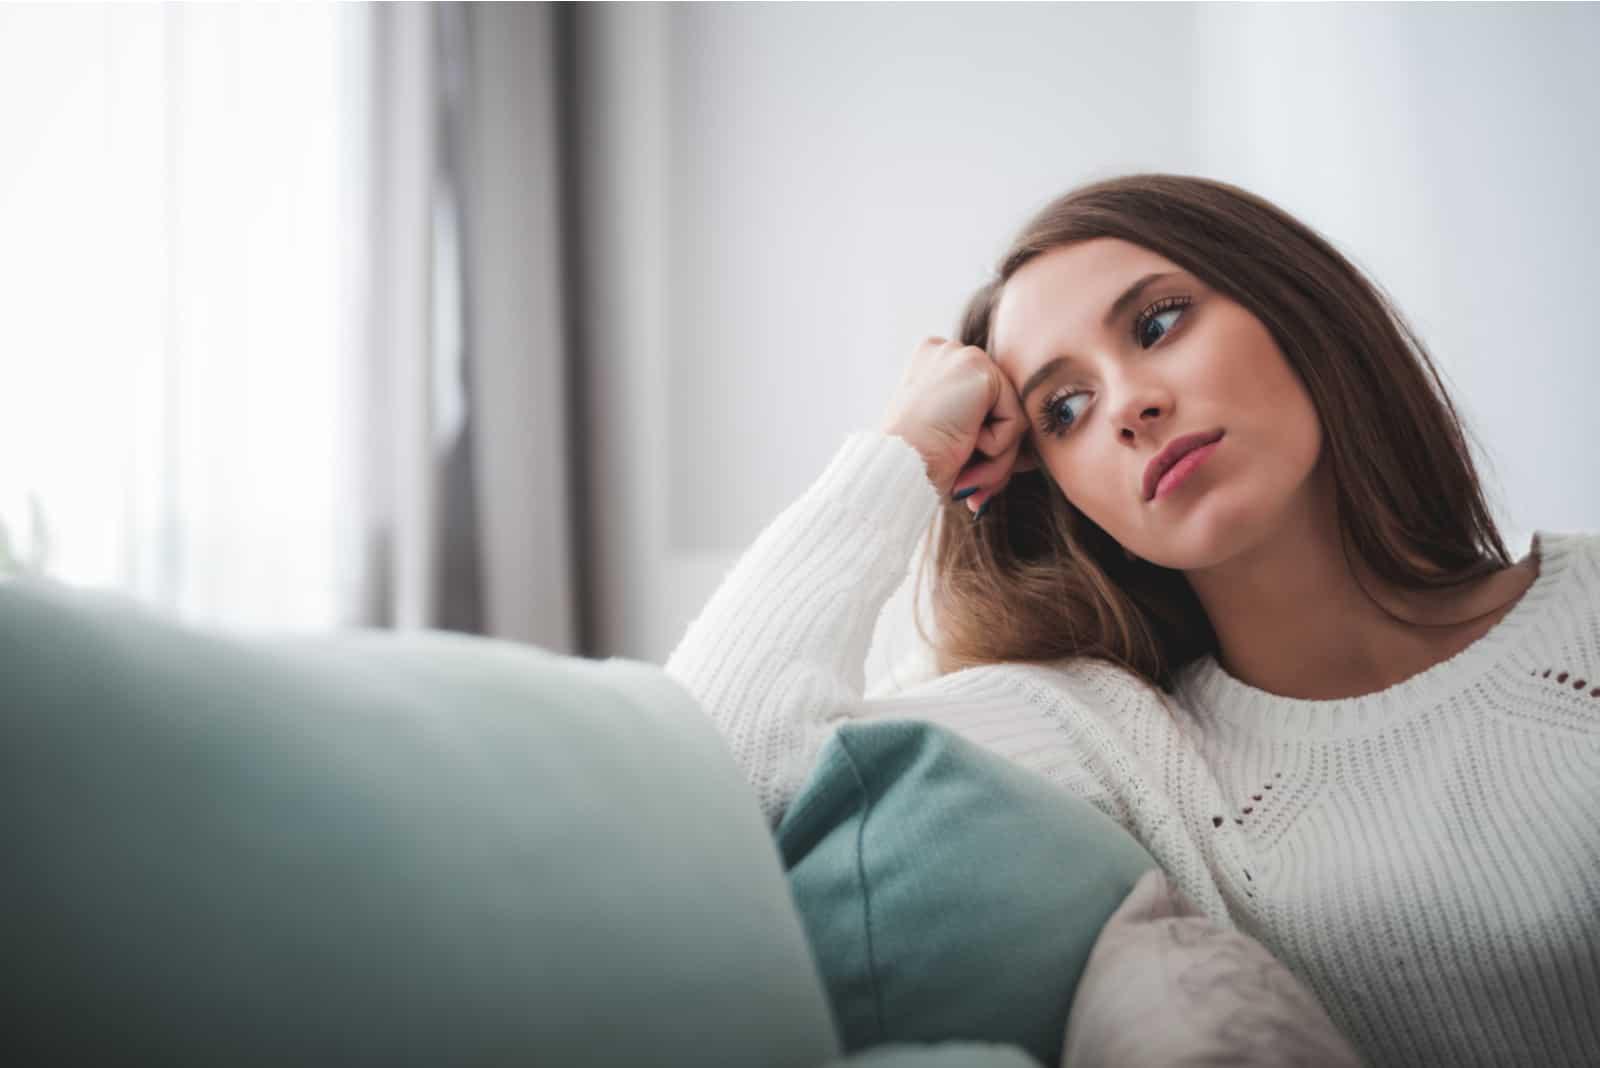 une femme imaginaire assise sur un canapé